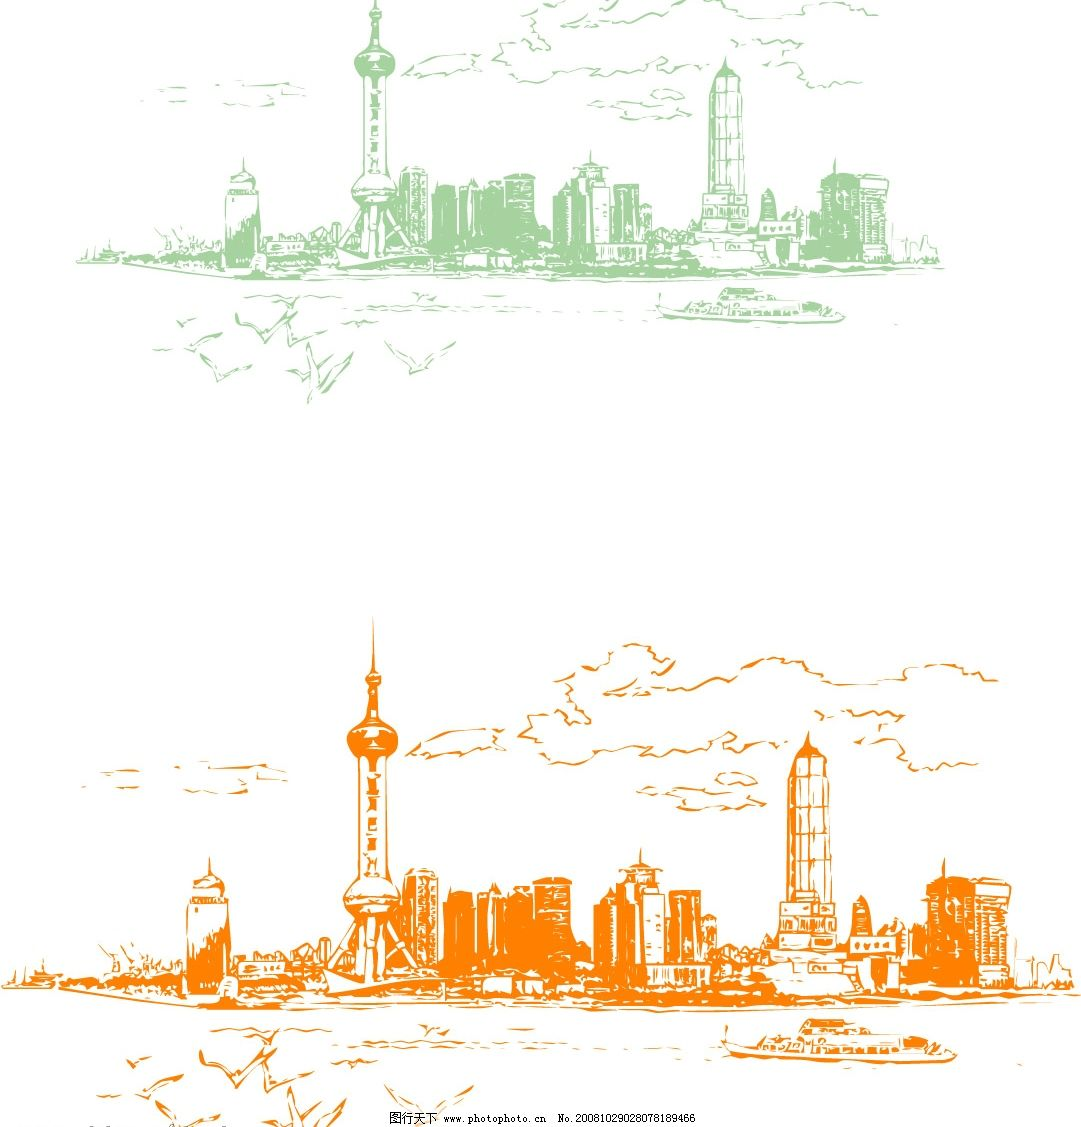 上海东方明珠剪影矢量图